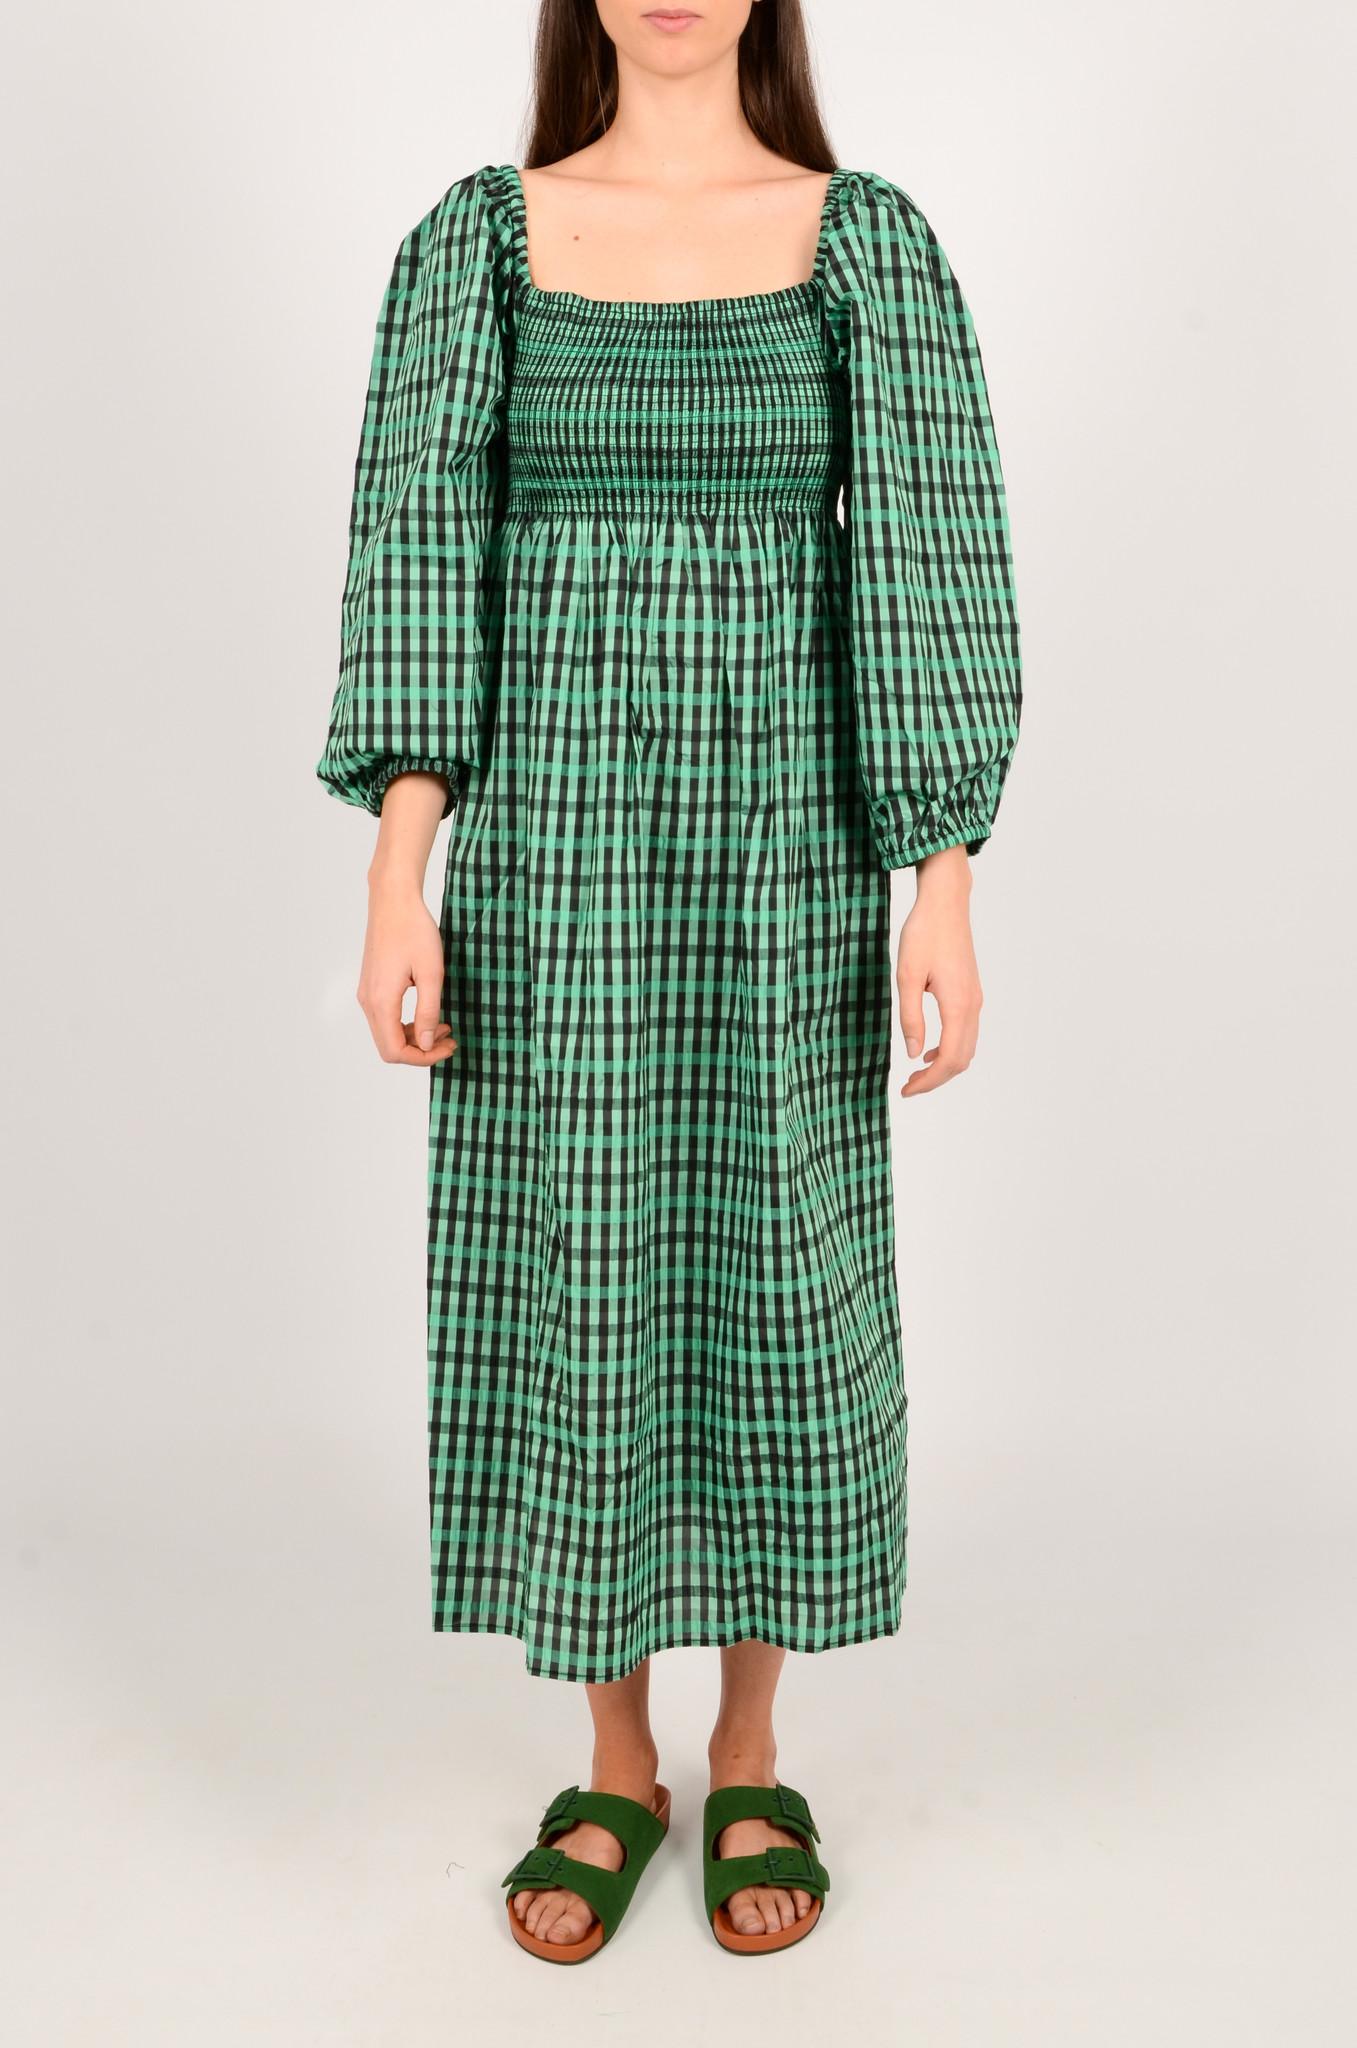 AQUINA DRESS-1